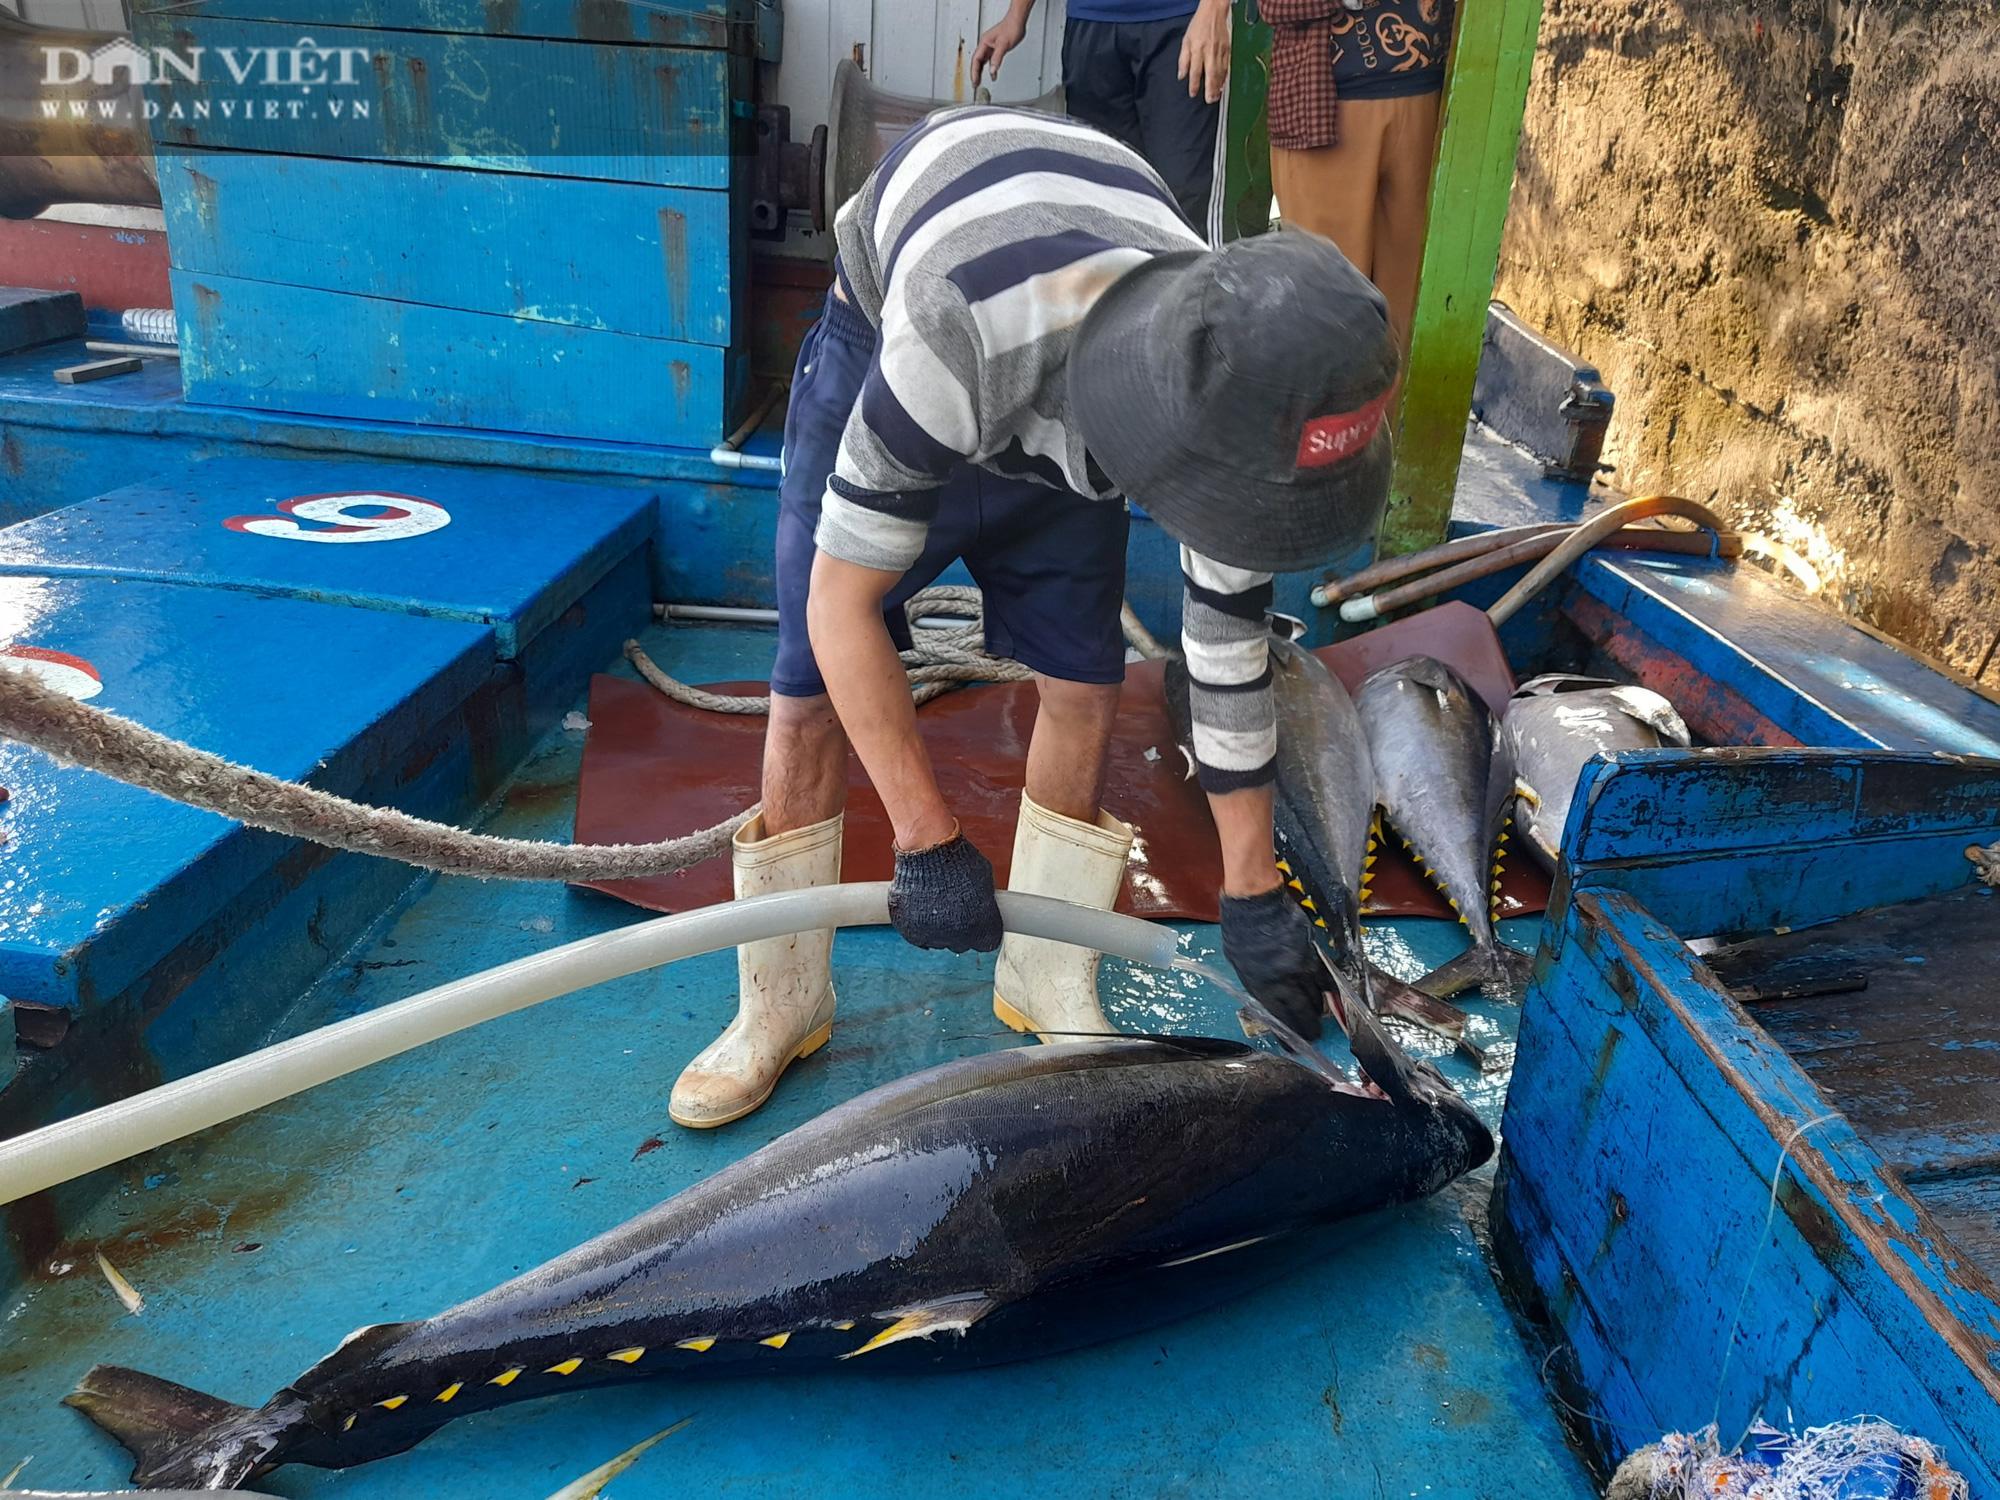 Cận cảnh đưa cá ngừ đại dương về bờ sau chuyến biển xuyên Tết - Ảnh 1.